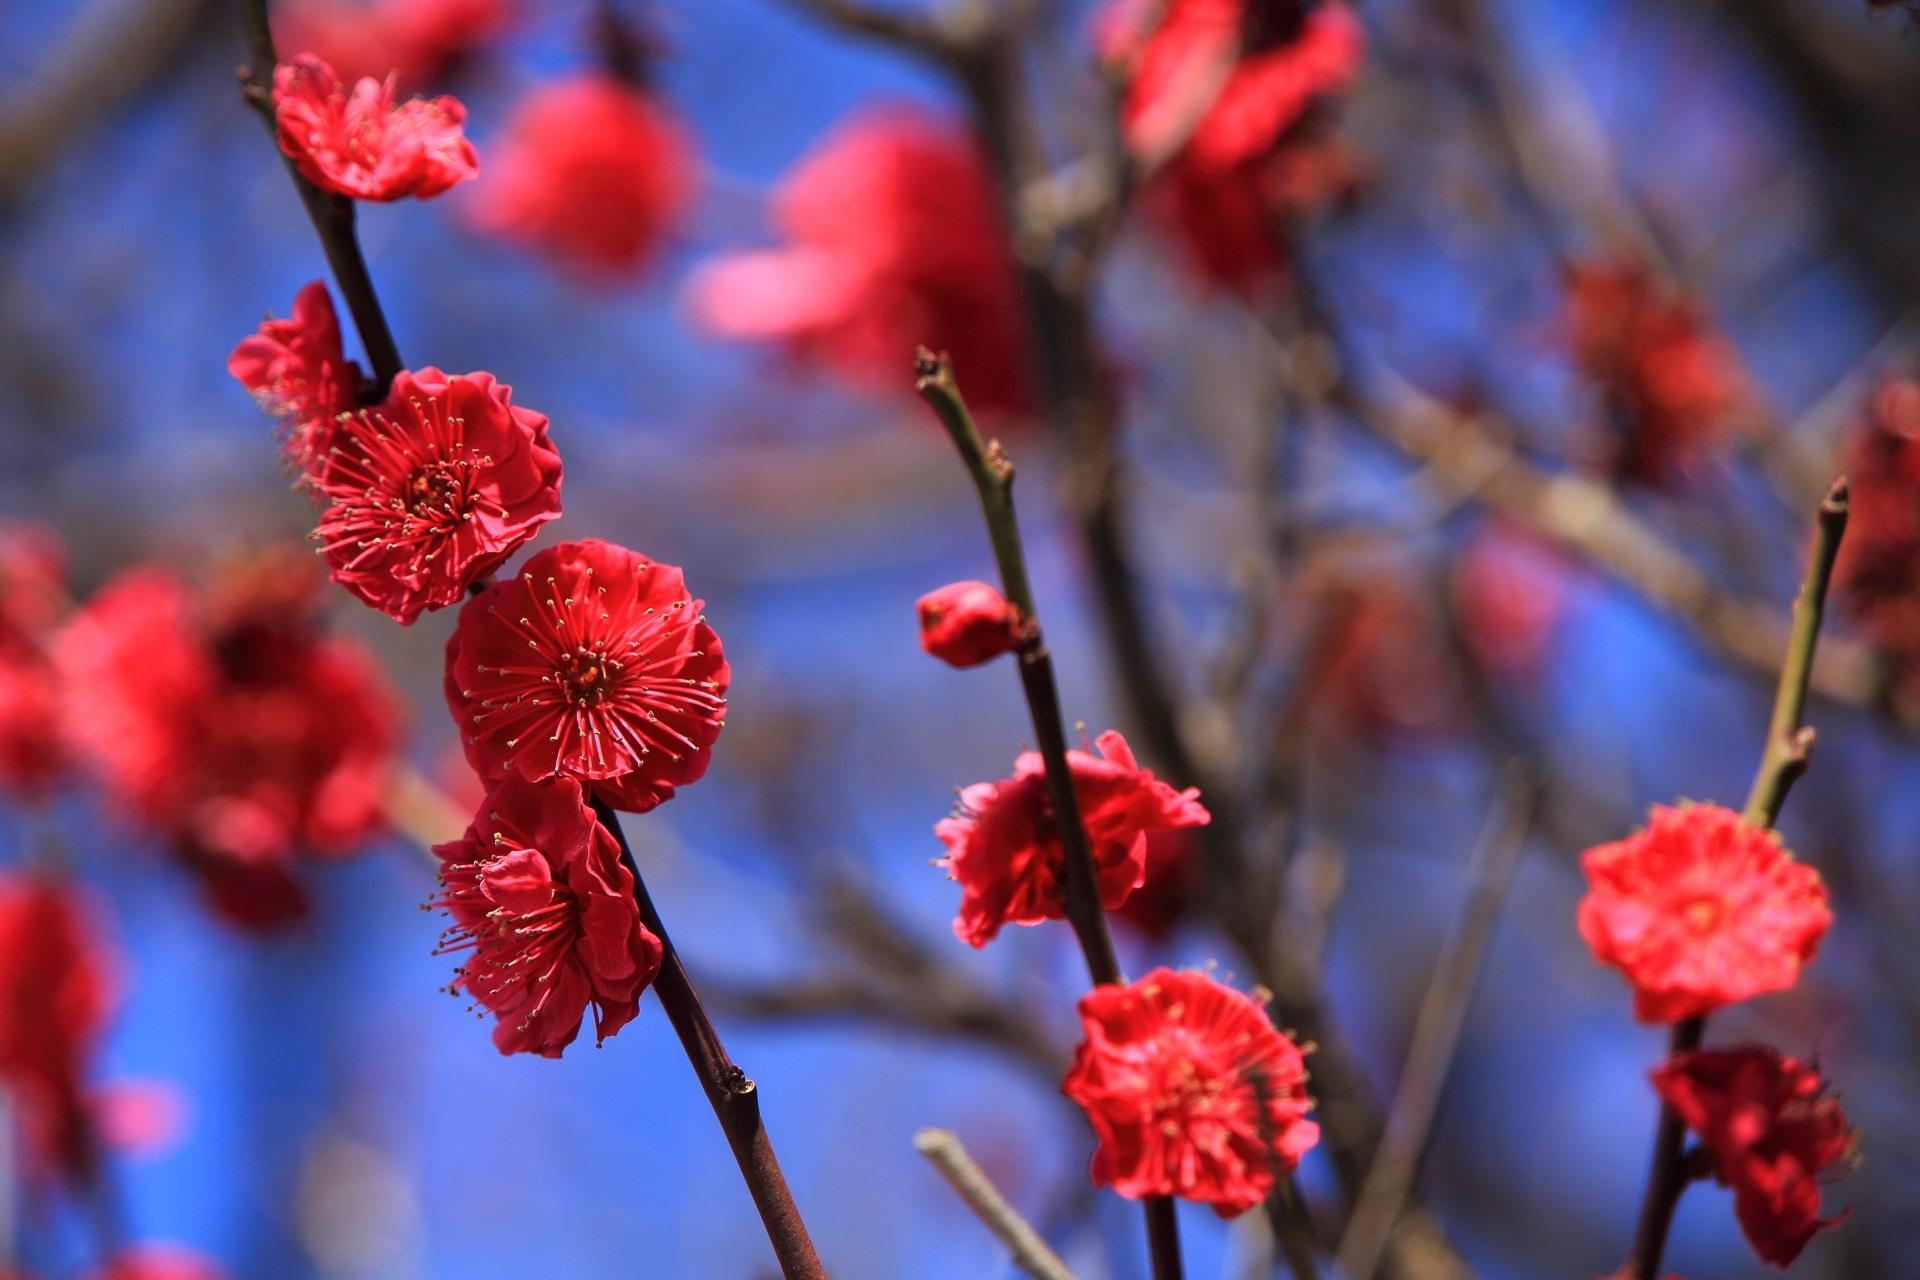 法住寺の濃いビビッドな赤色の梅の花